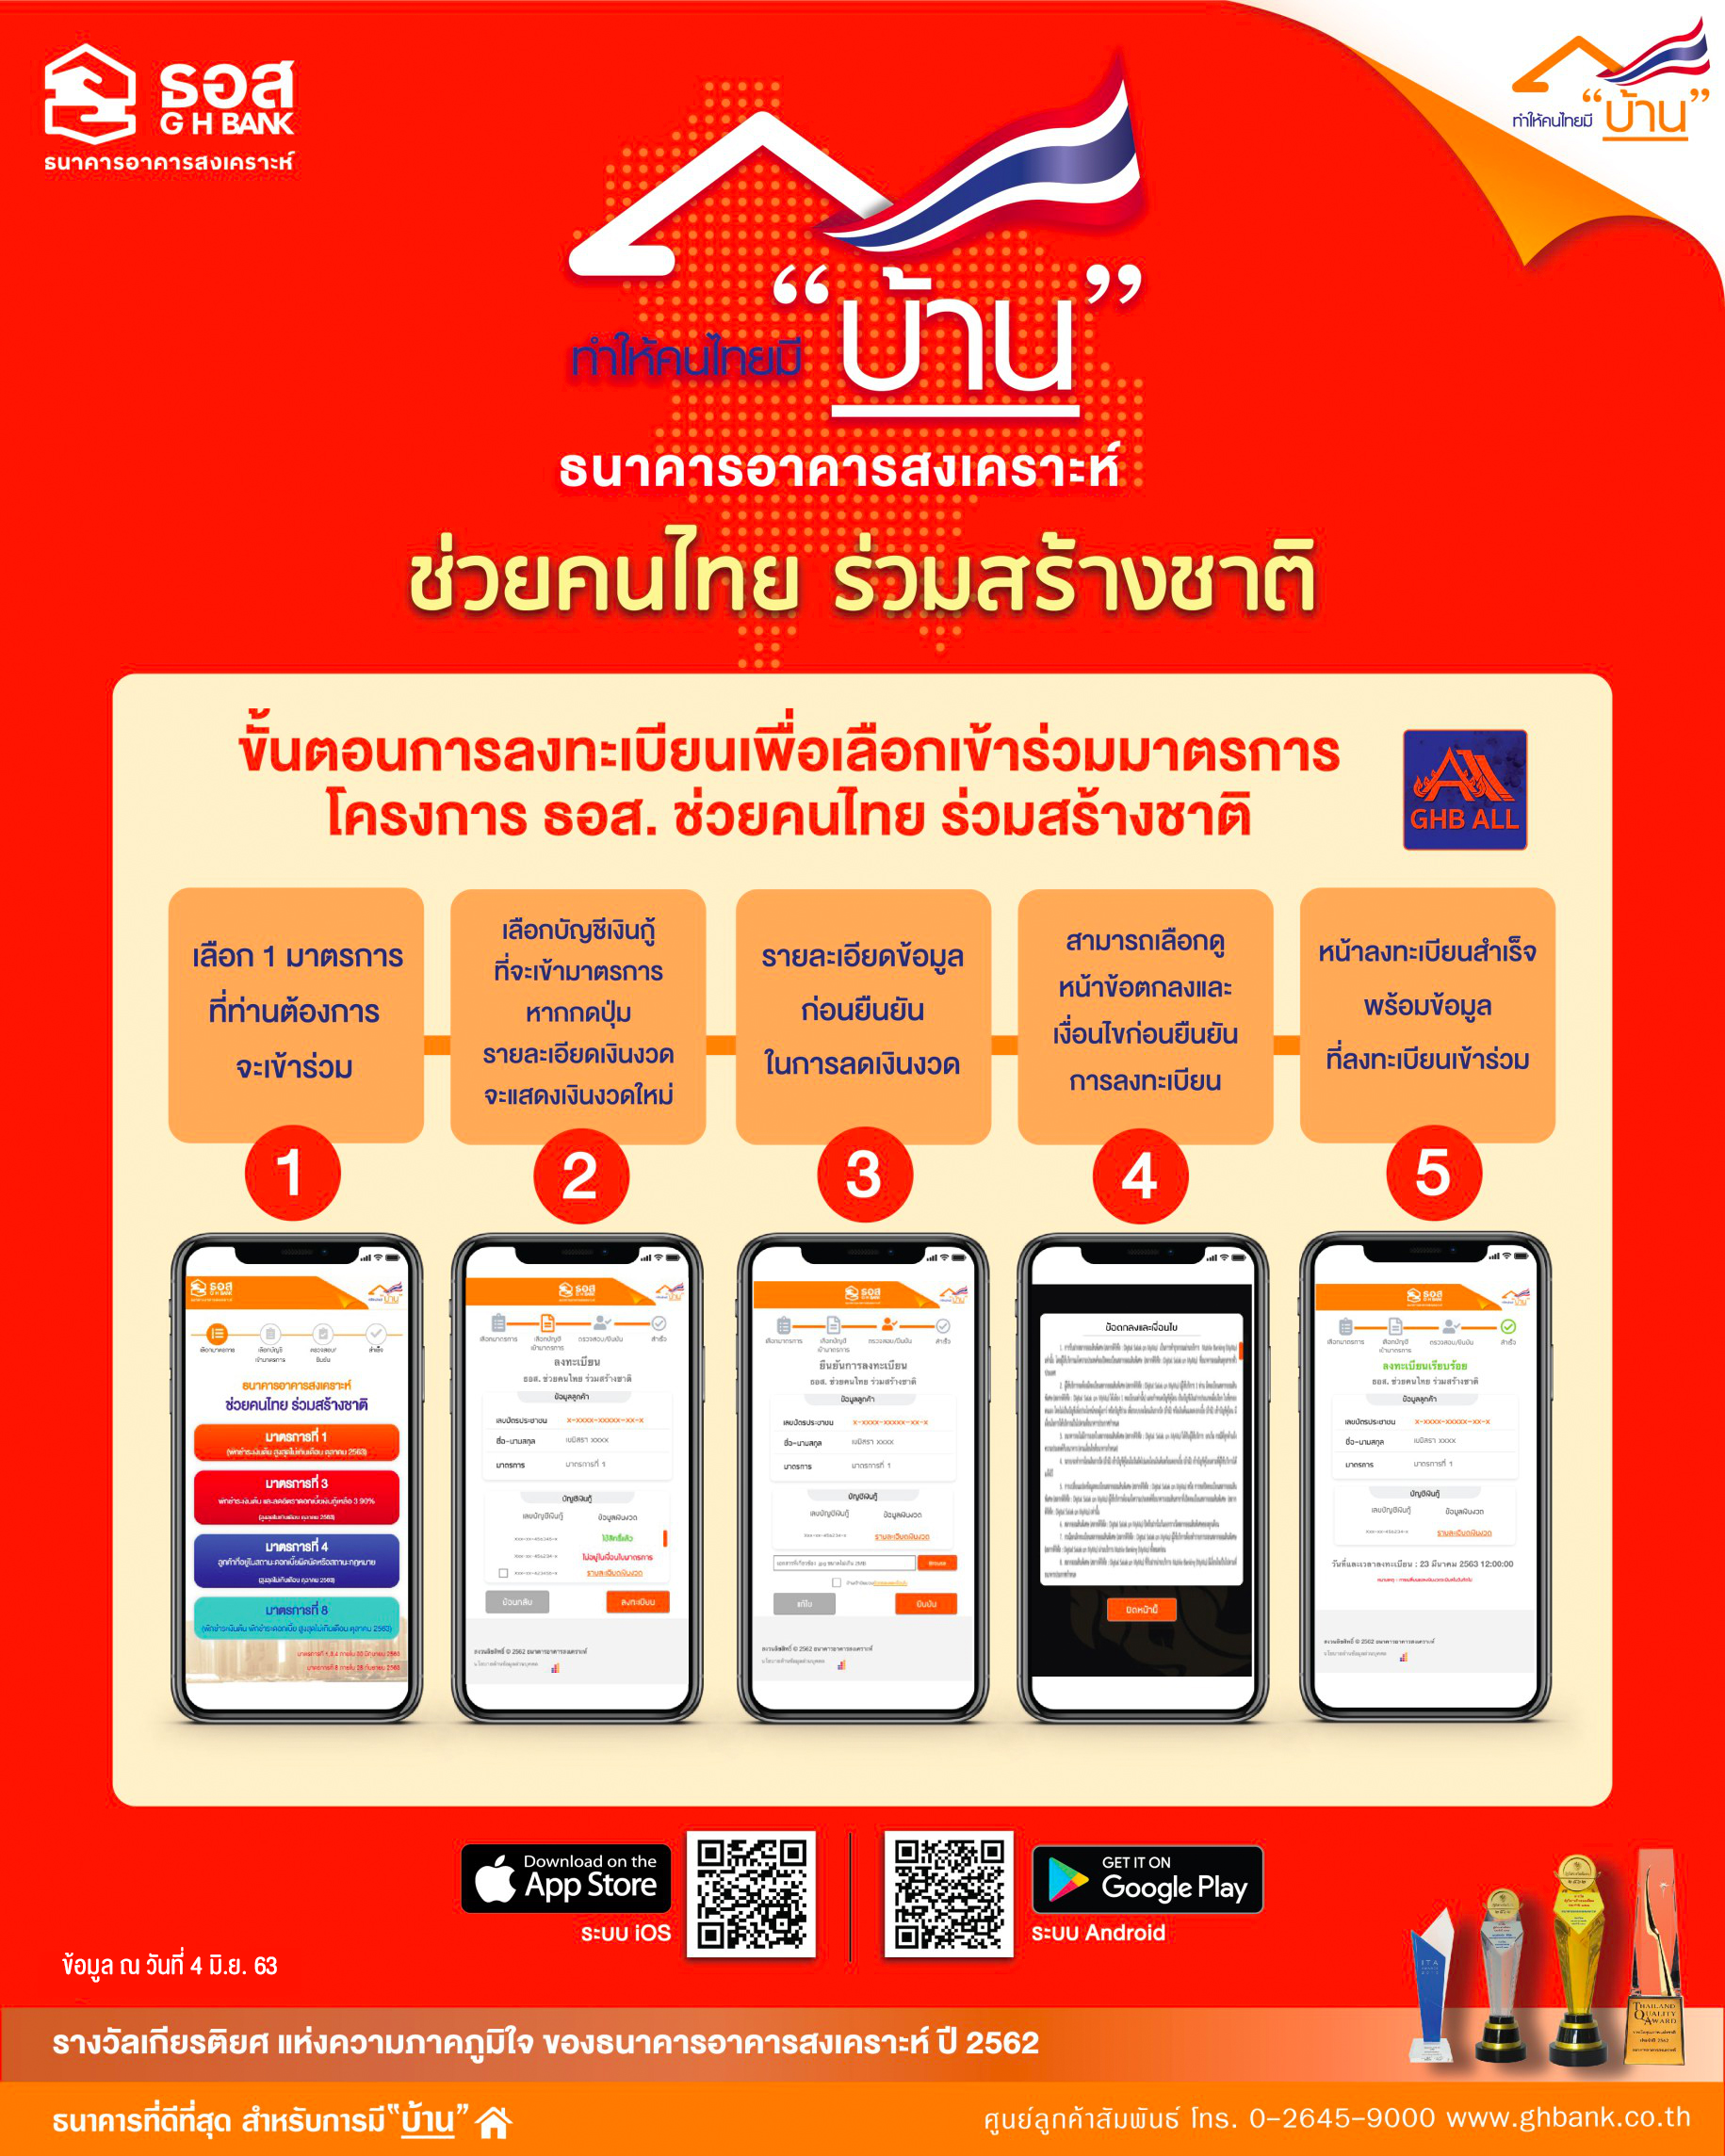 ขั้นตอนการลงทะเบียนเพื่อเลือกเข้าร่วมมาตรการ โครงการ ธอส. ช่วยคนไทย ร่วมสร้างชาต